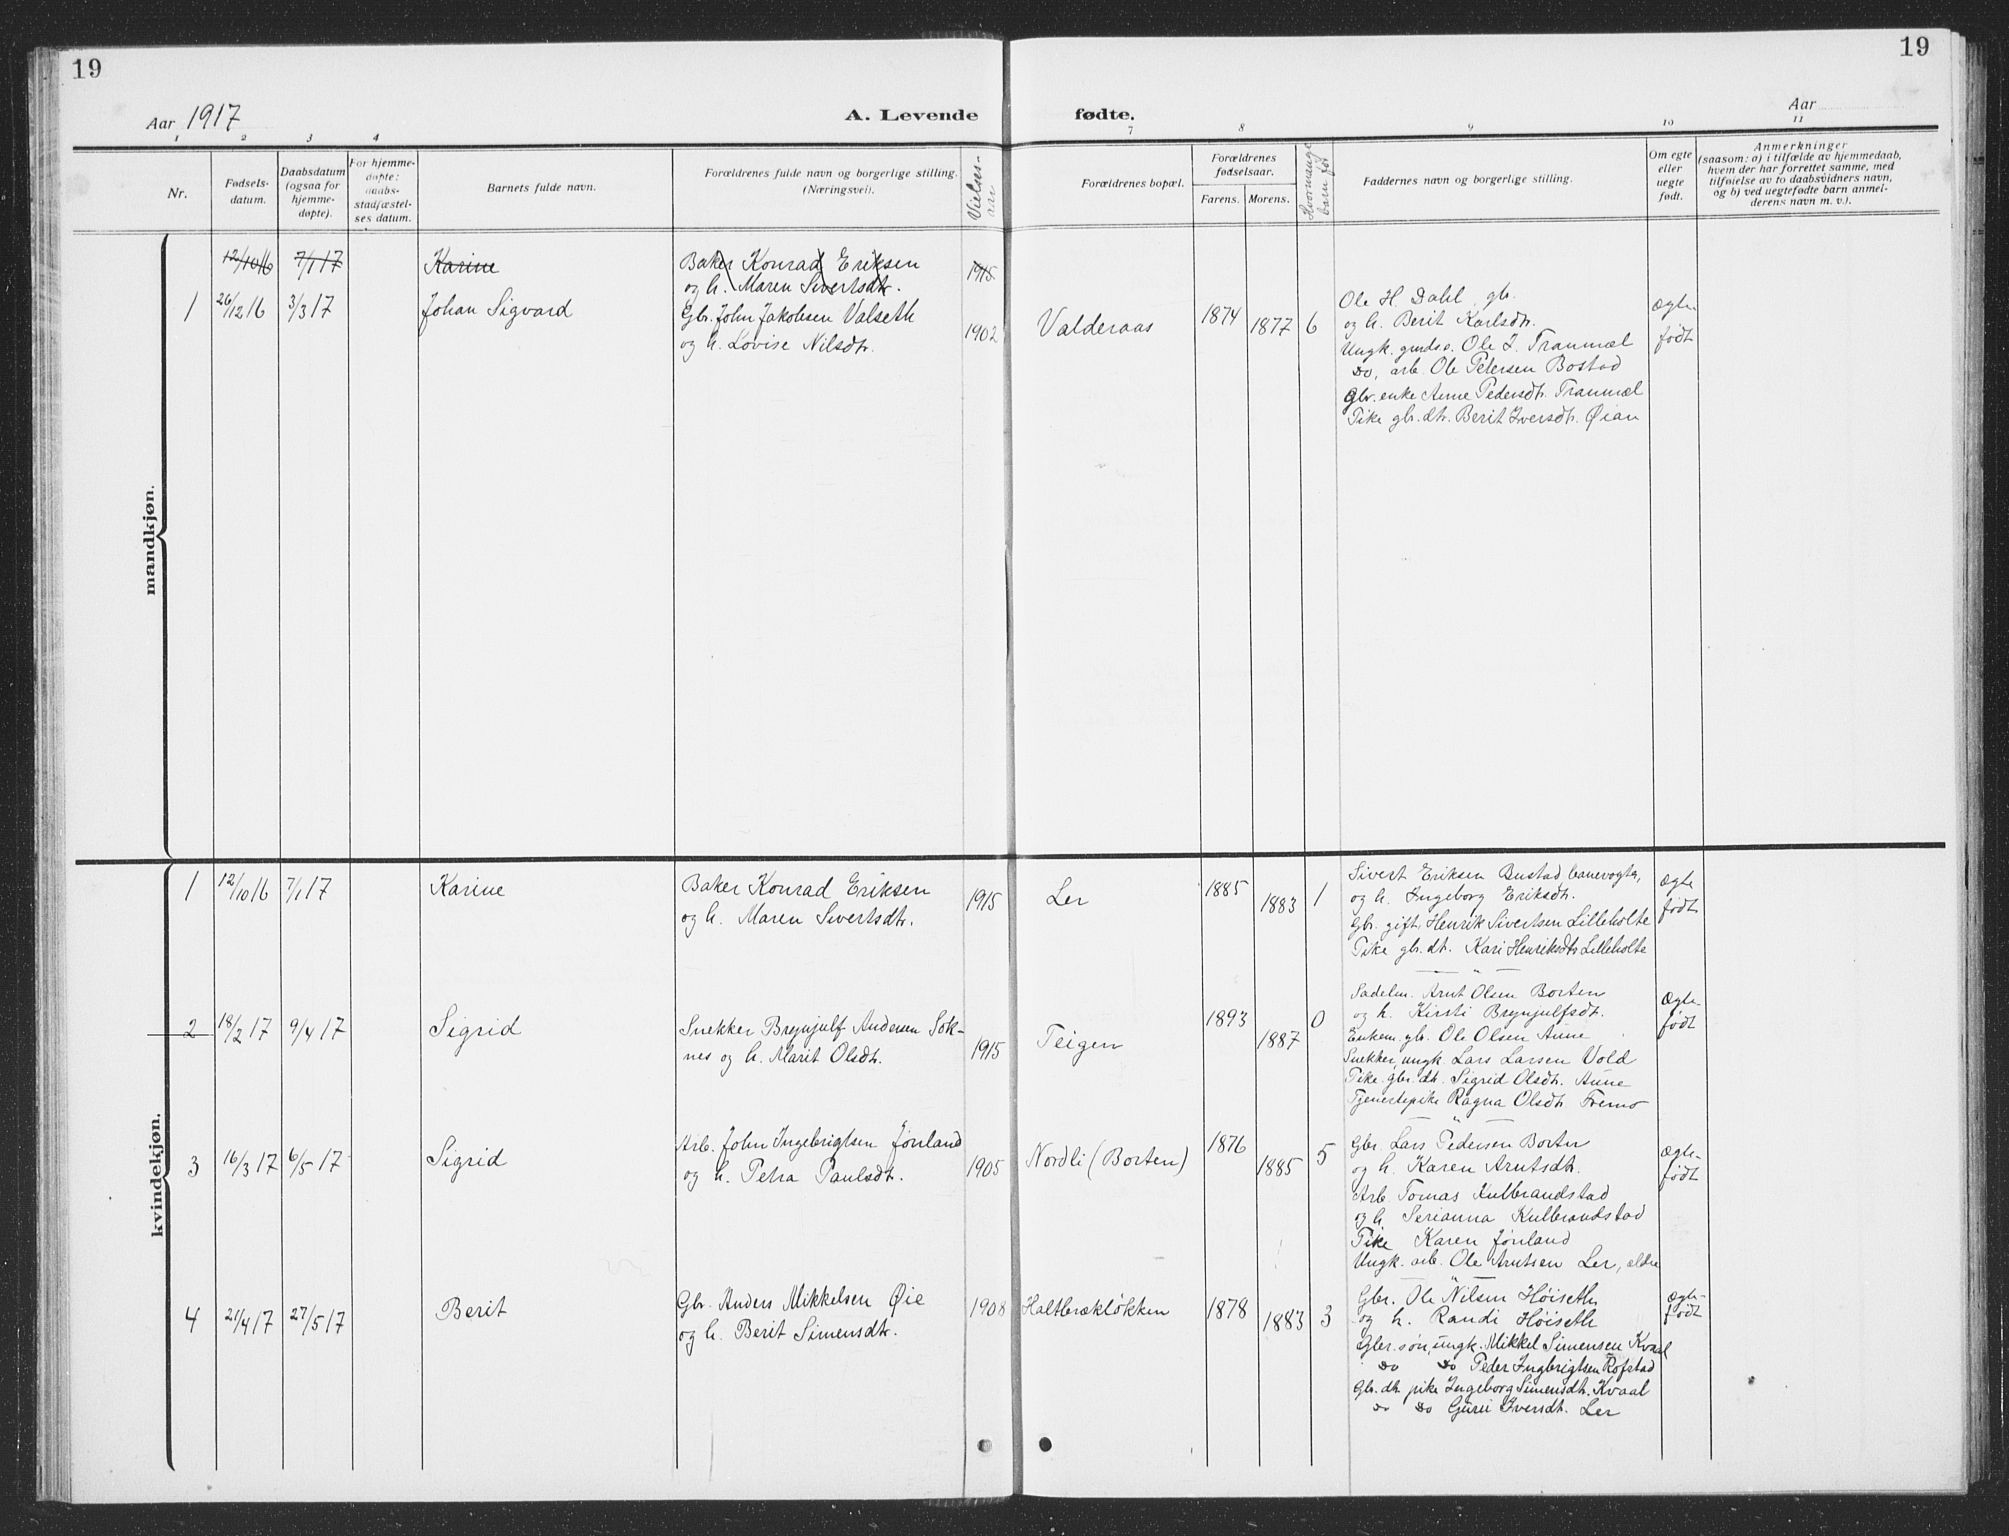 SAT, Ministerialprotokoller, klokkerbøker og fødselsregistre - Sør-Trøndelag, 693/L1124: Klokkerbok nr. 693C05, 1911-1941, s. 19